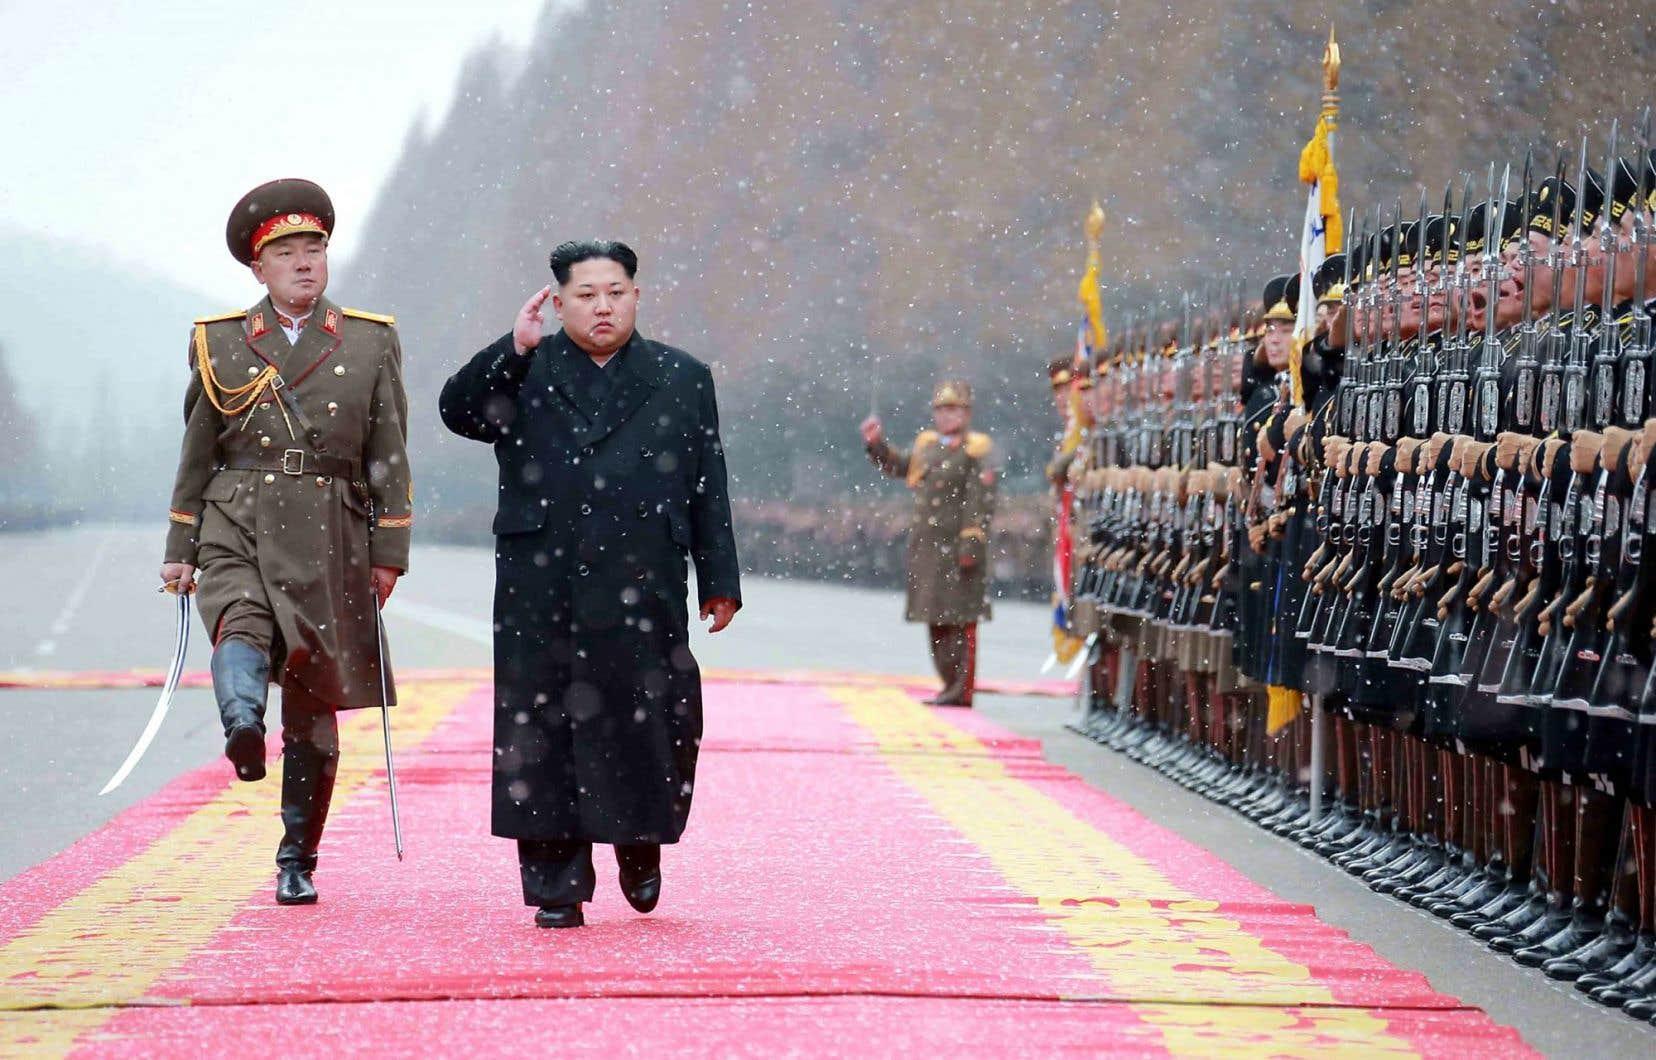 Nous en sommes à la troisième génération de la dynastie des Kim, et l'aura commence à s'évaporer.